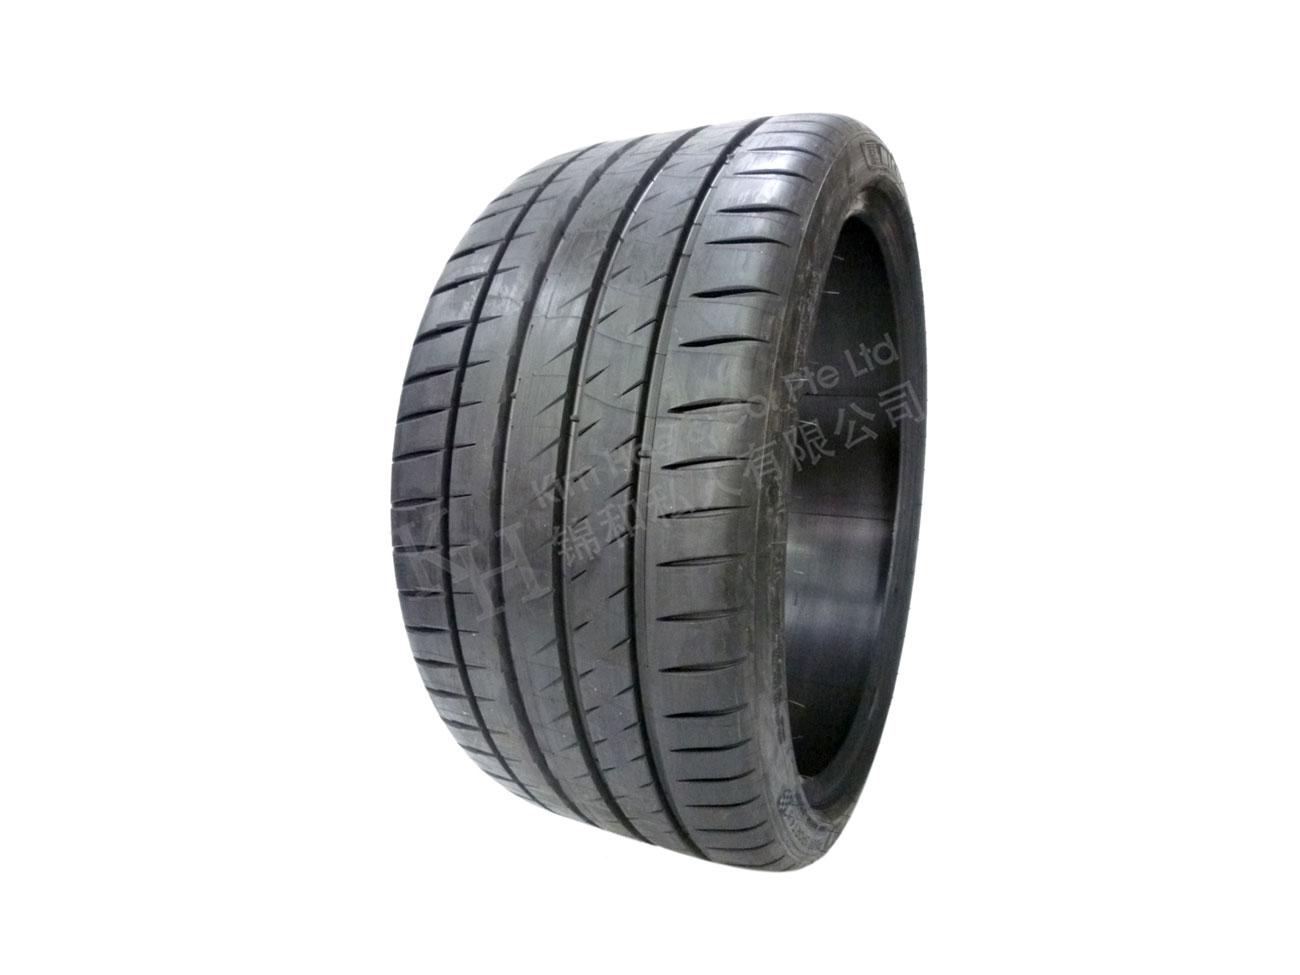 Michelin Pilot Sport 4 S 265/35/R19 Tyre